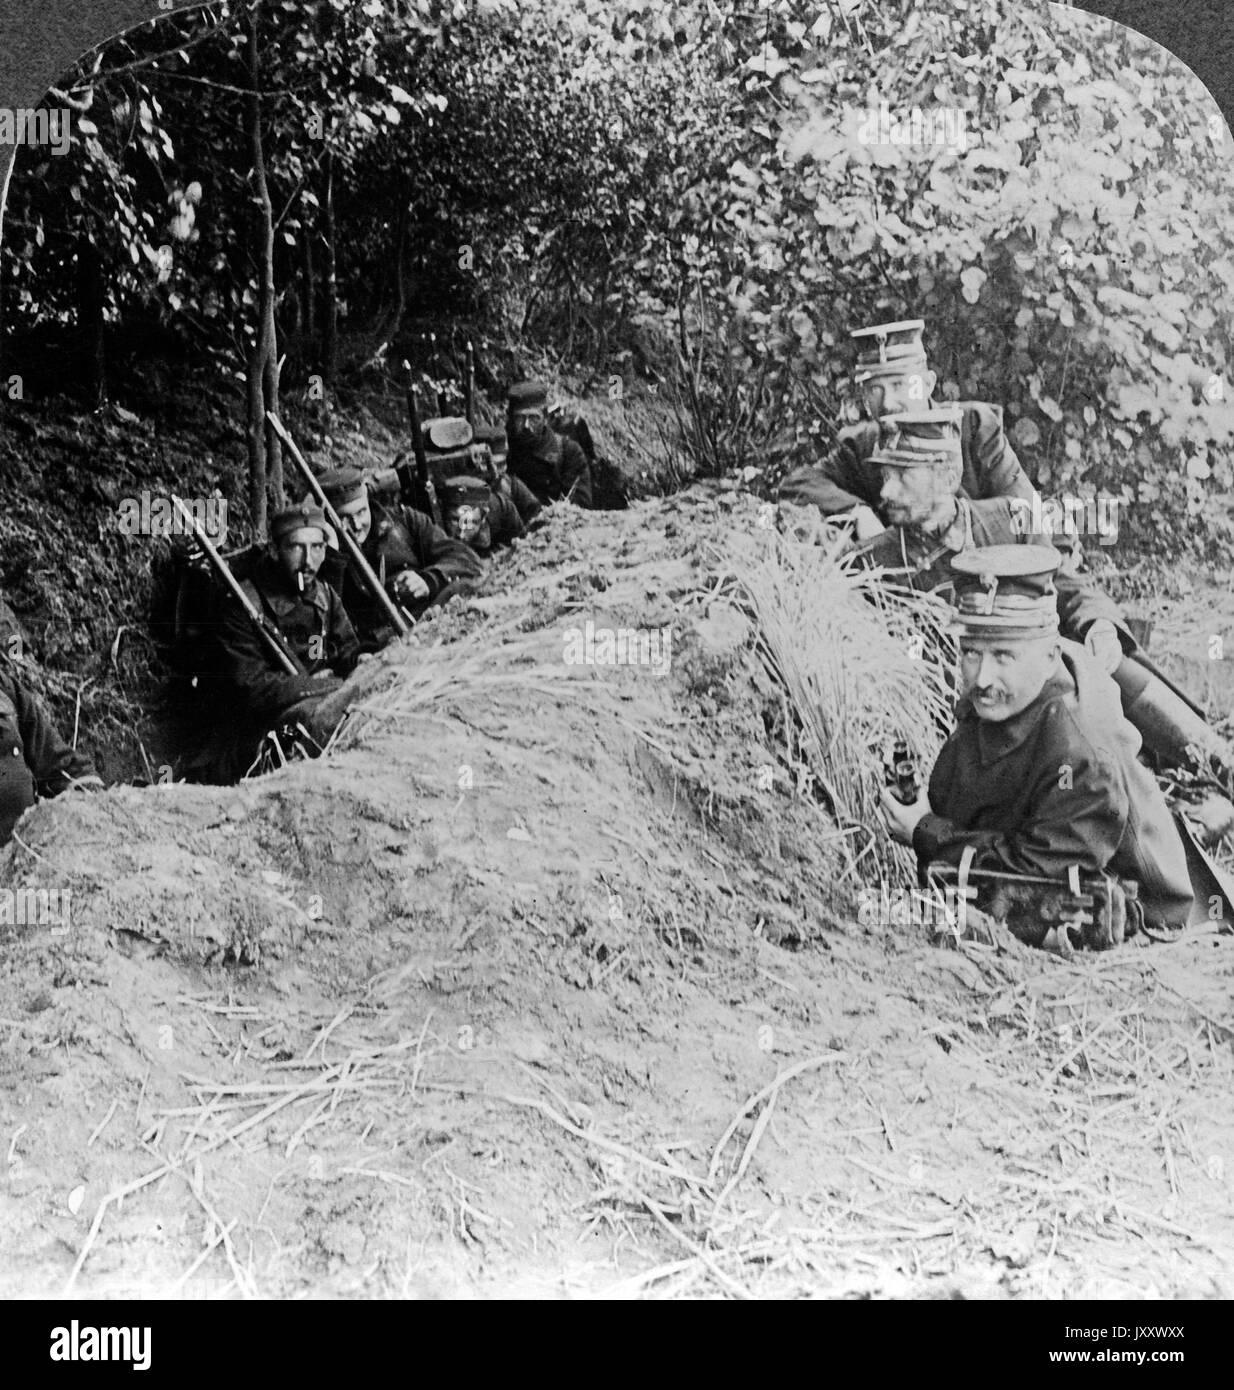 Belgische Offiziere und Mannschaften erholen sich kurz in ihren Schützengräben zwischen zwei Angriffen, Belgien 1914. Belgian officers and men resting in their trenches between the assaults, Belgium 1914. - Stock Image